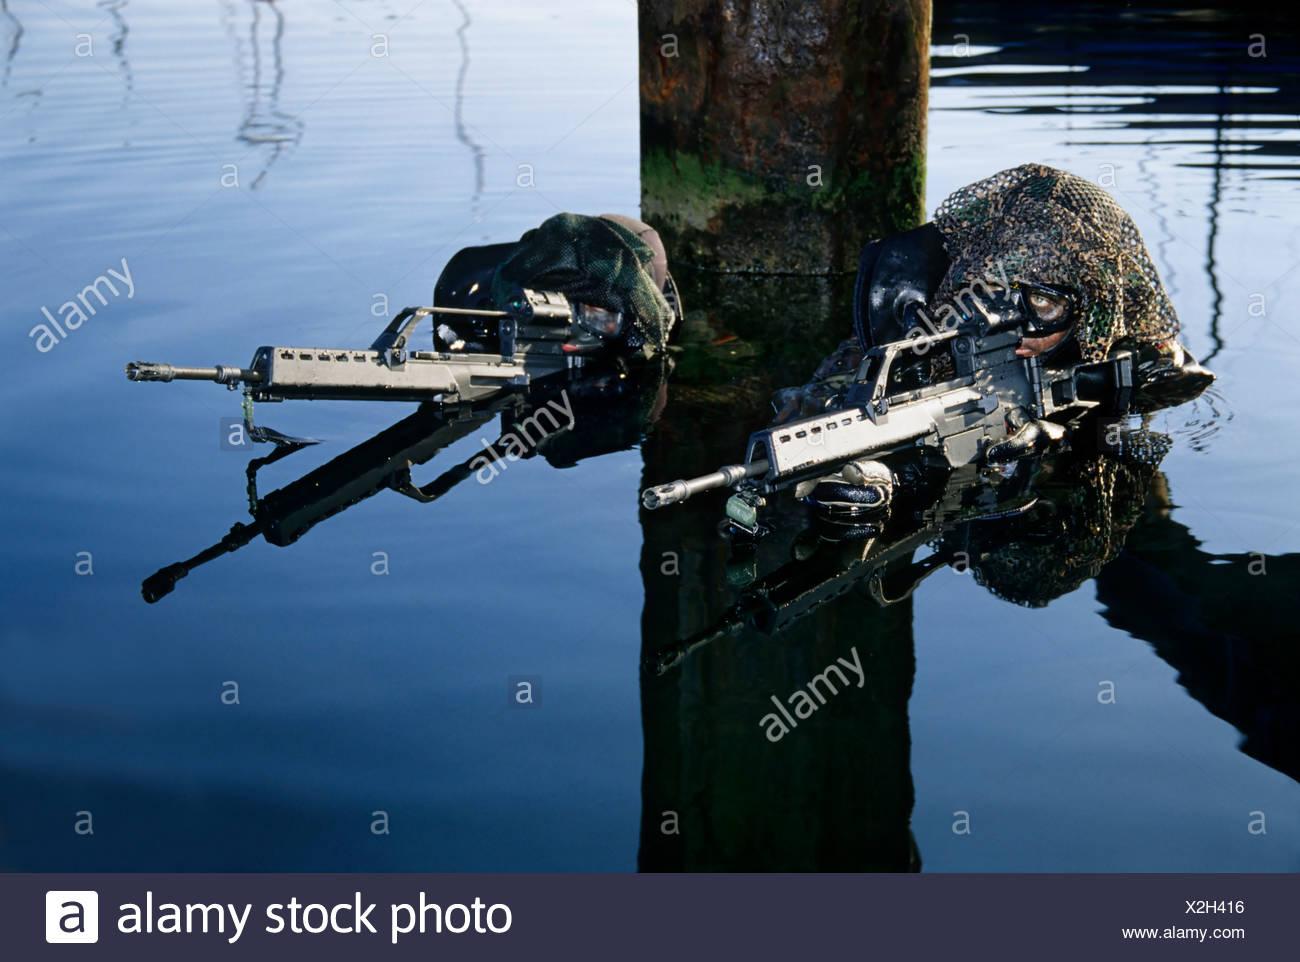 """Soldaten der Spezialeinheit """"Kampfschwimmer"""" der deutschen Marine Deutschland Marine in einem Hafen Angriff, Wea-simulation Stockbild"""